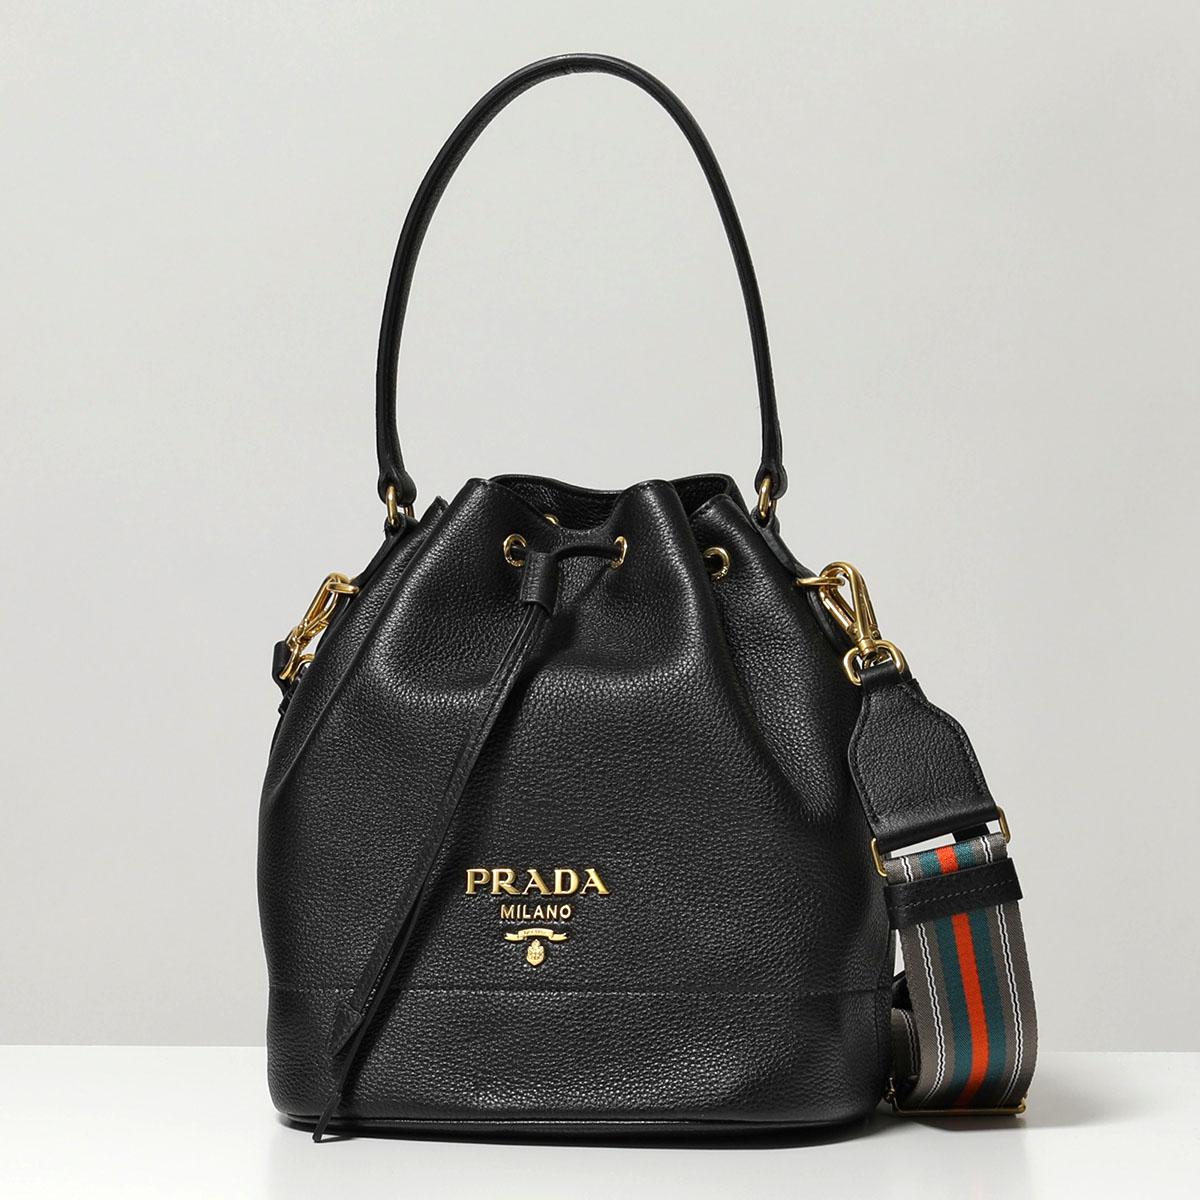 PRADA プラダ 1BE018 2BBE F0002 NOM レザー 3wayストラップ 巾着バッグ ショルダーバッグ ハンドバッグ NERO 鞄 レディース